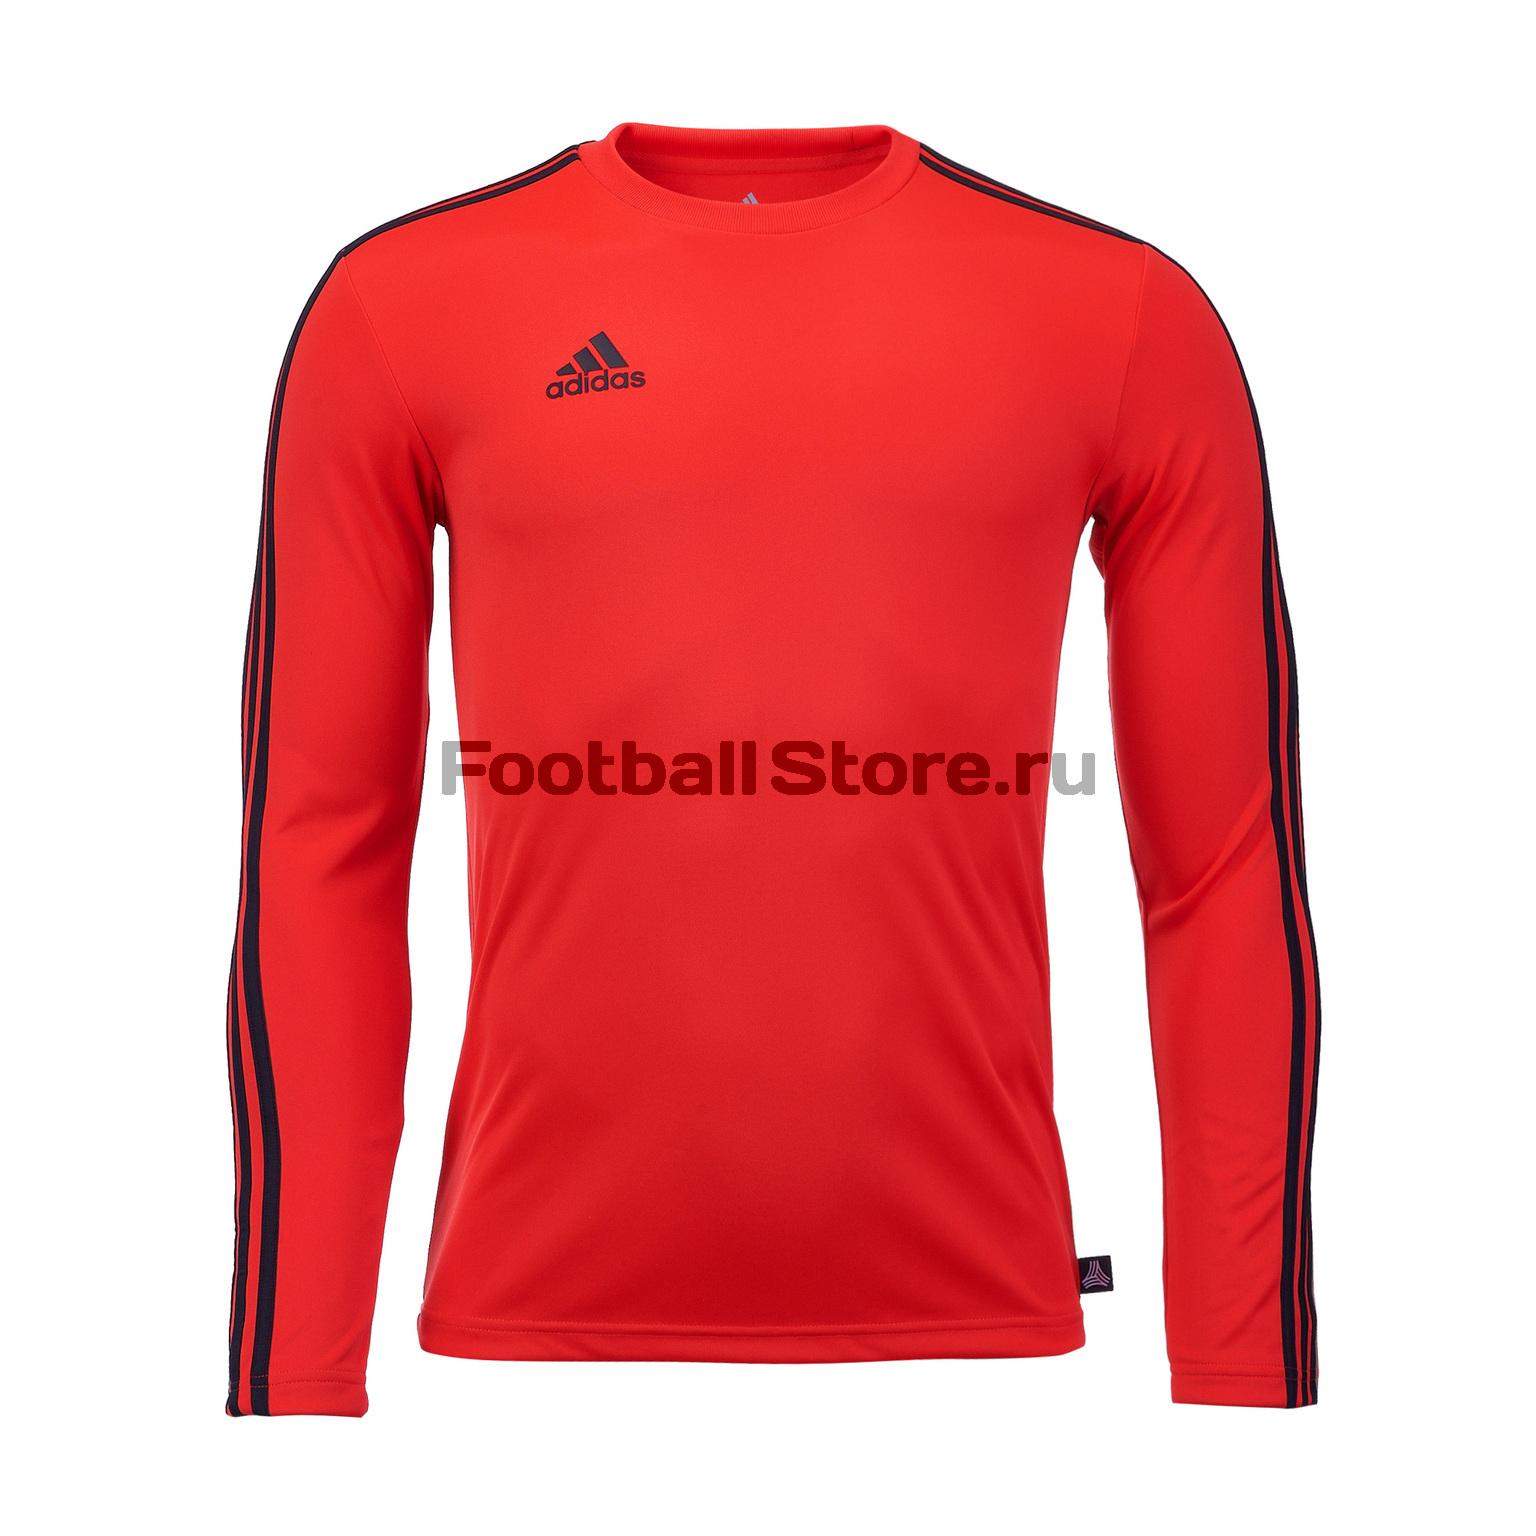 Футболка с длинным рукавом Adidas Tango Terry CZ3995